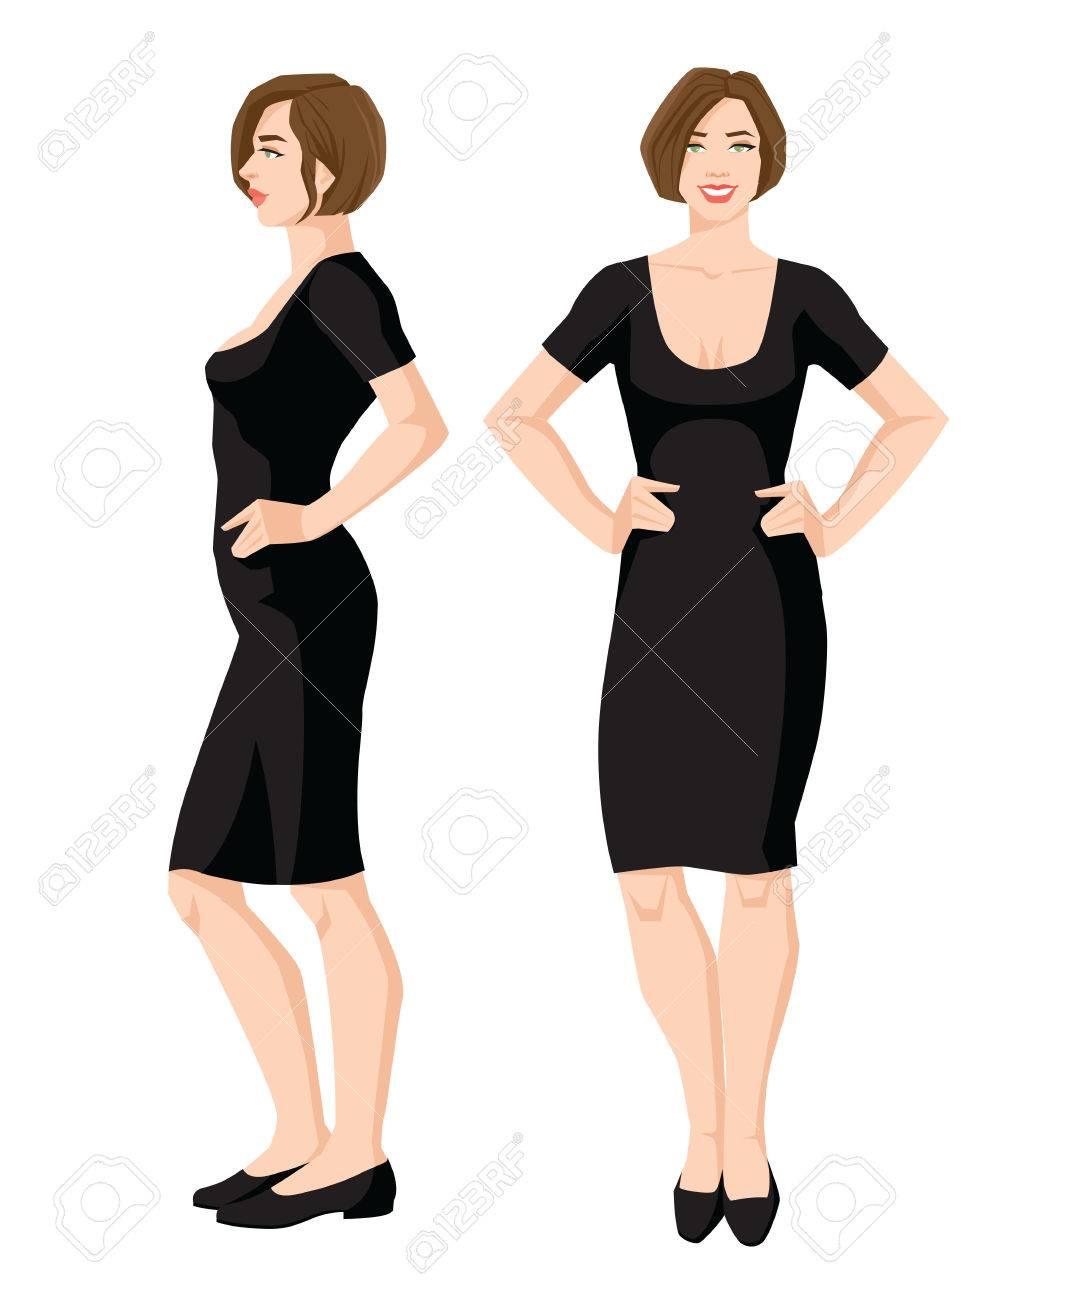 黒のドレスと白の背景に靴の女性のベクトル イラスト。様々 な女の姿になります。正面図と側面図。